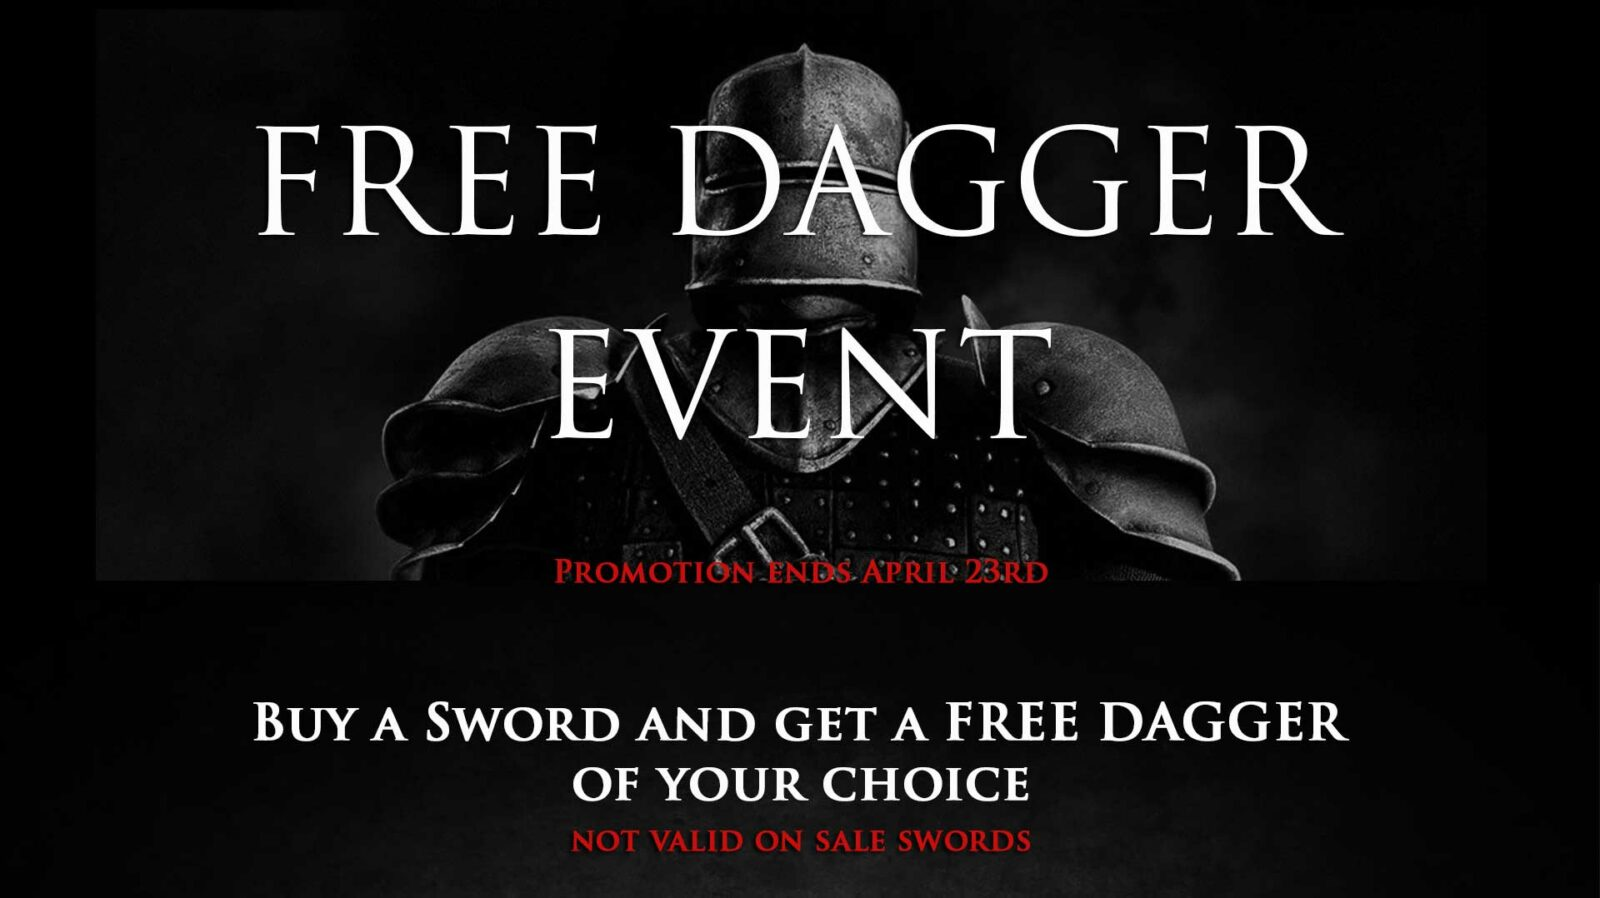 free-dagger-medieval-sword-sale-banner-1